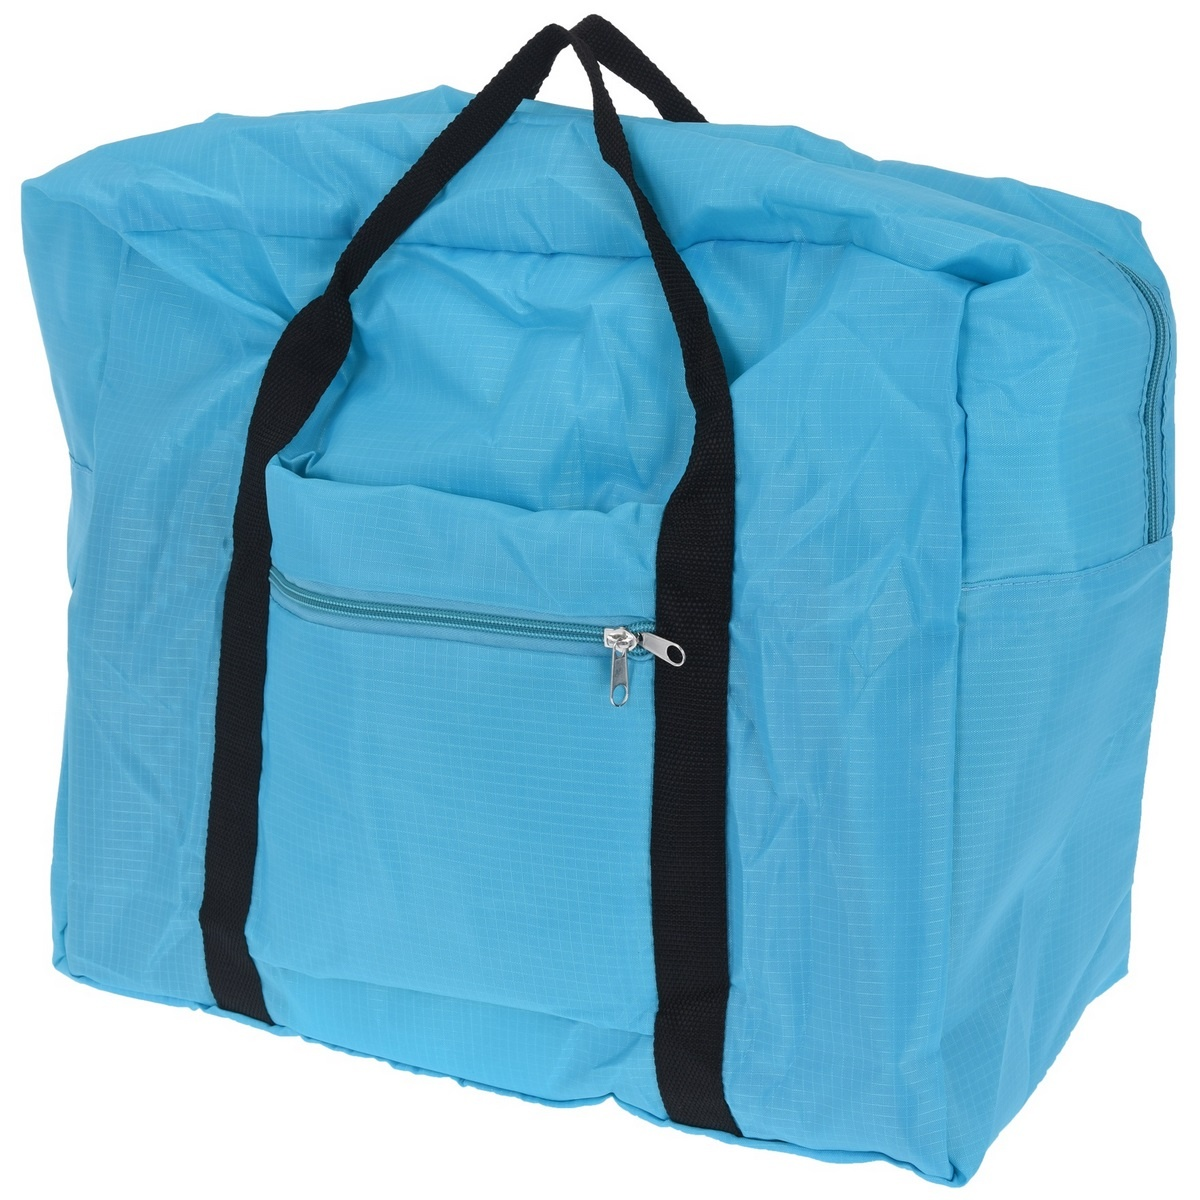 Koopman Skládací cestovní taška světle modrá, 44 x 37 x 20 cm